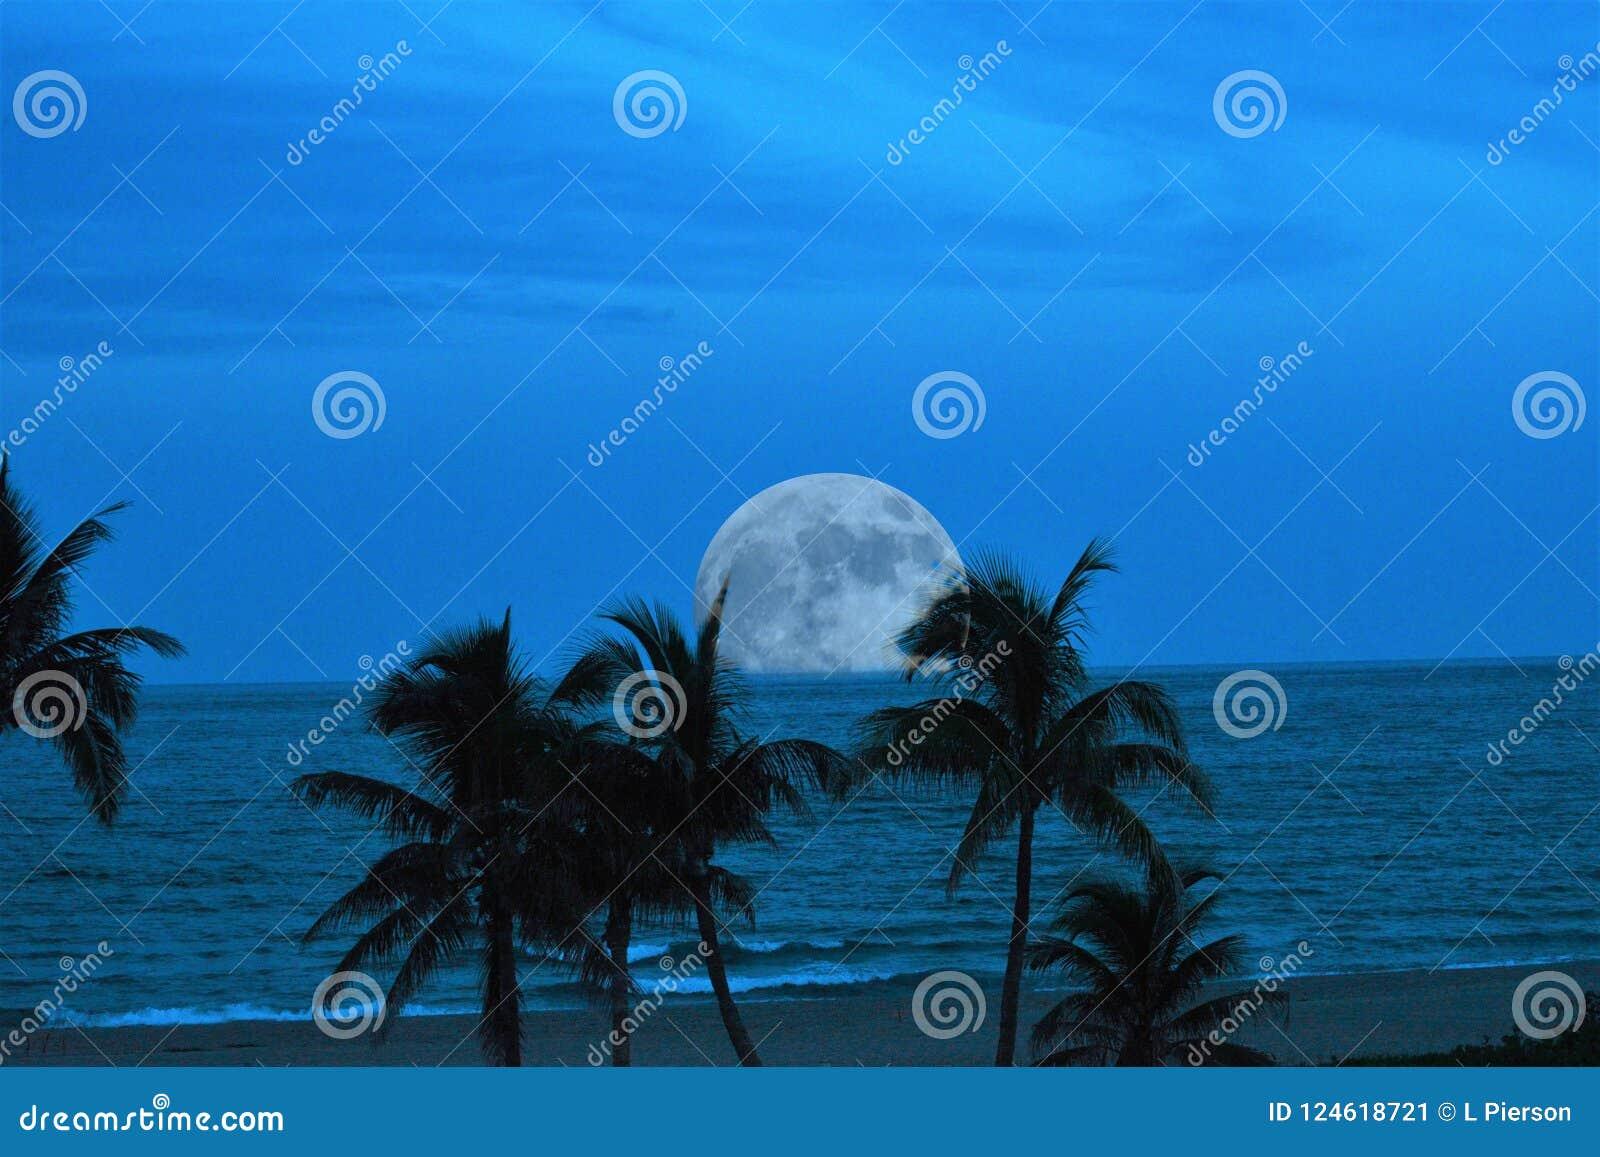 Una Luna Llena virtual hace una entrada espectacular al cielo crepuscular sobre el océano tropical abajo